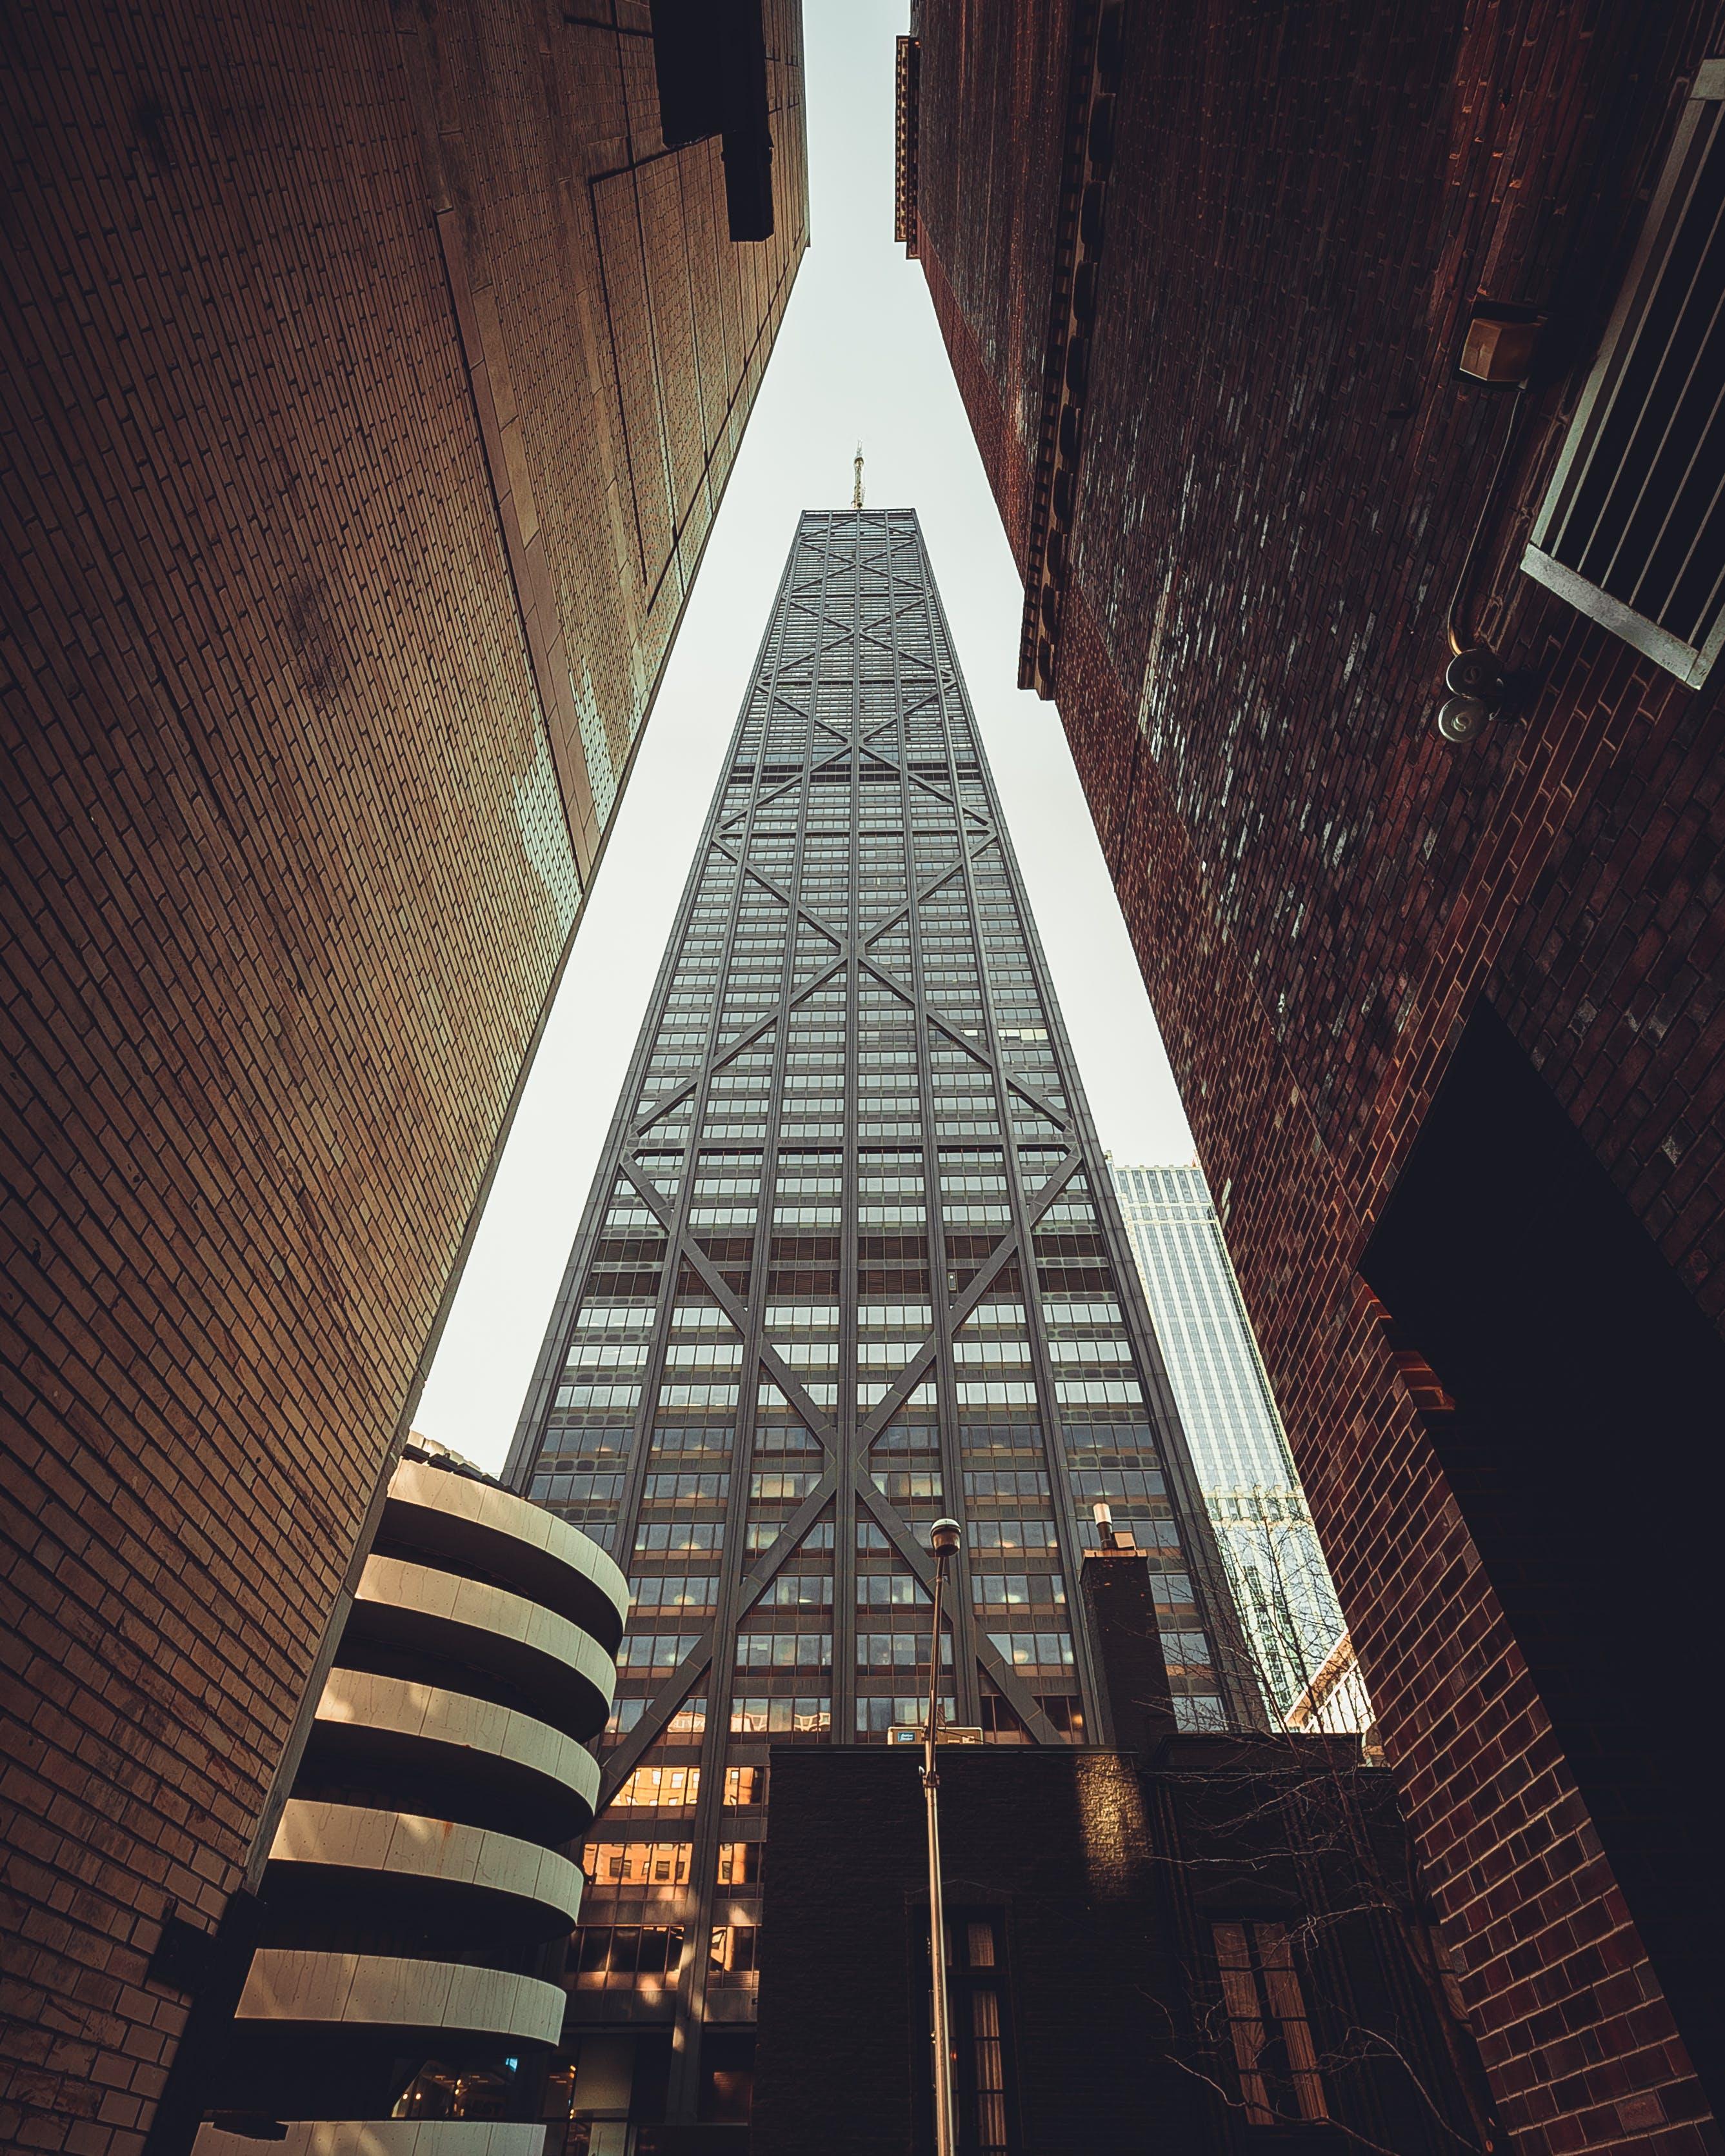 Foto stok gratis Arsitektur, Arsitektur modern, bangunan, bidikan sudut sempit